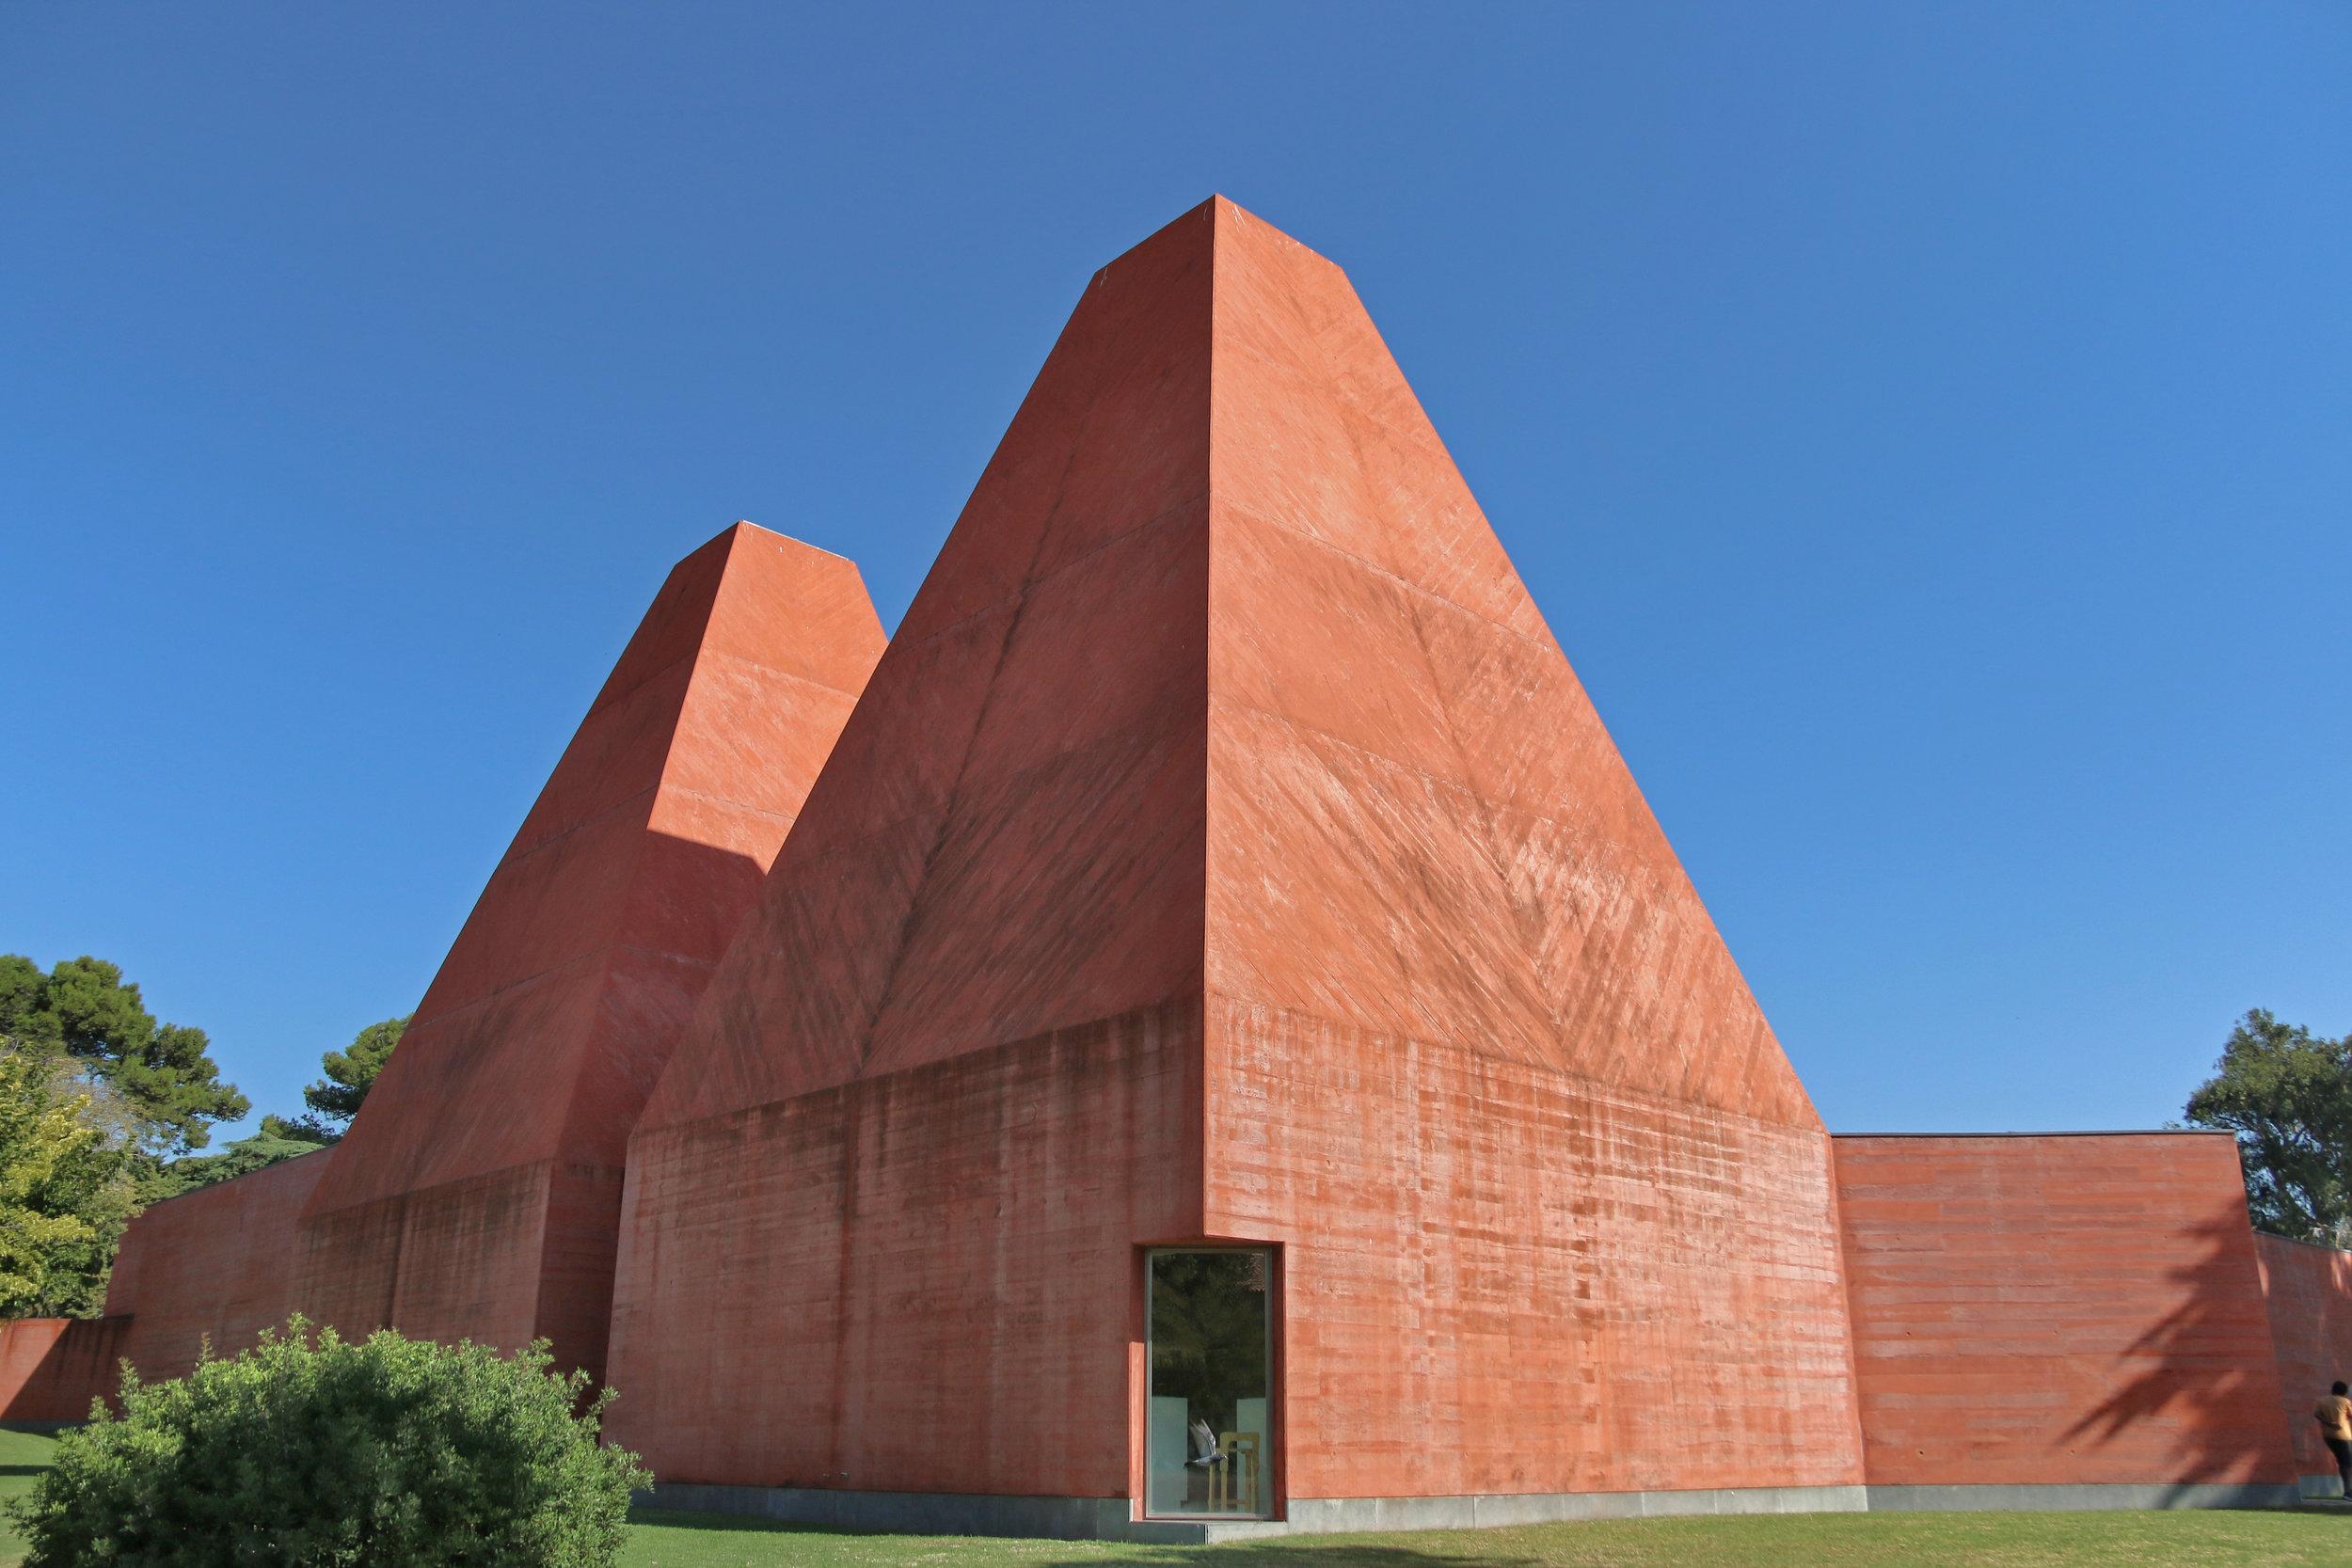 Casa da historias paula rego - Arch. Eduardo Souto de Moura / Cascais